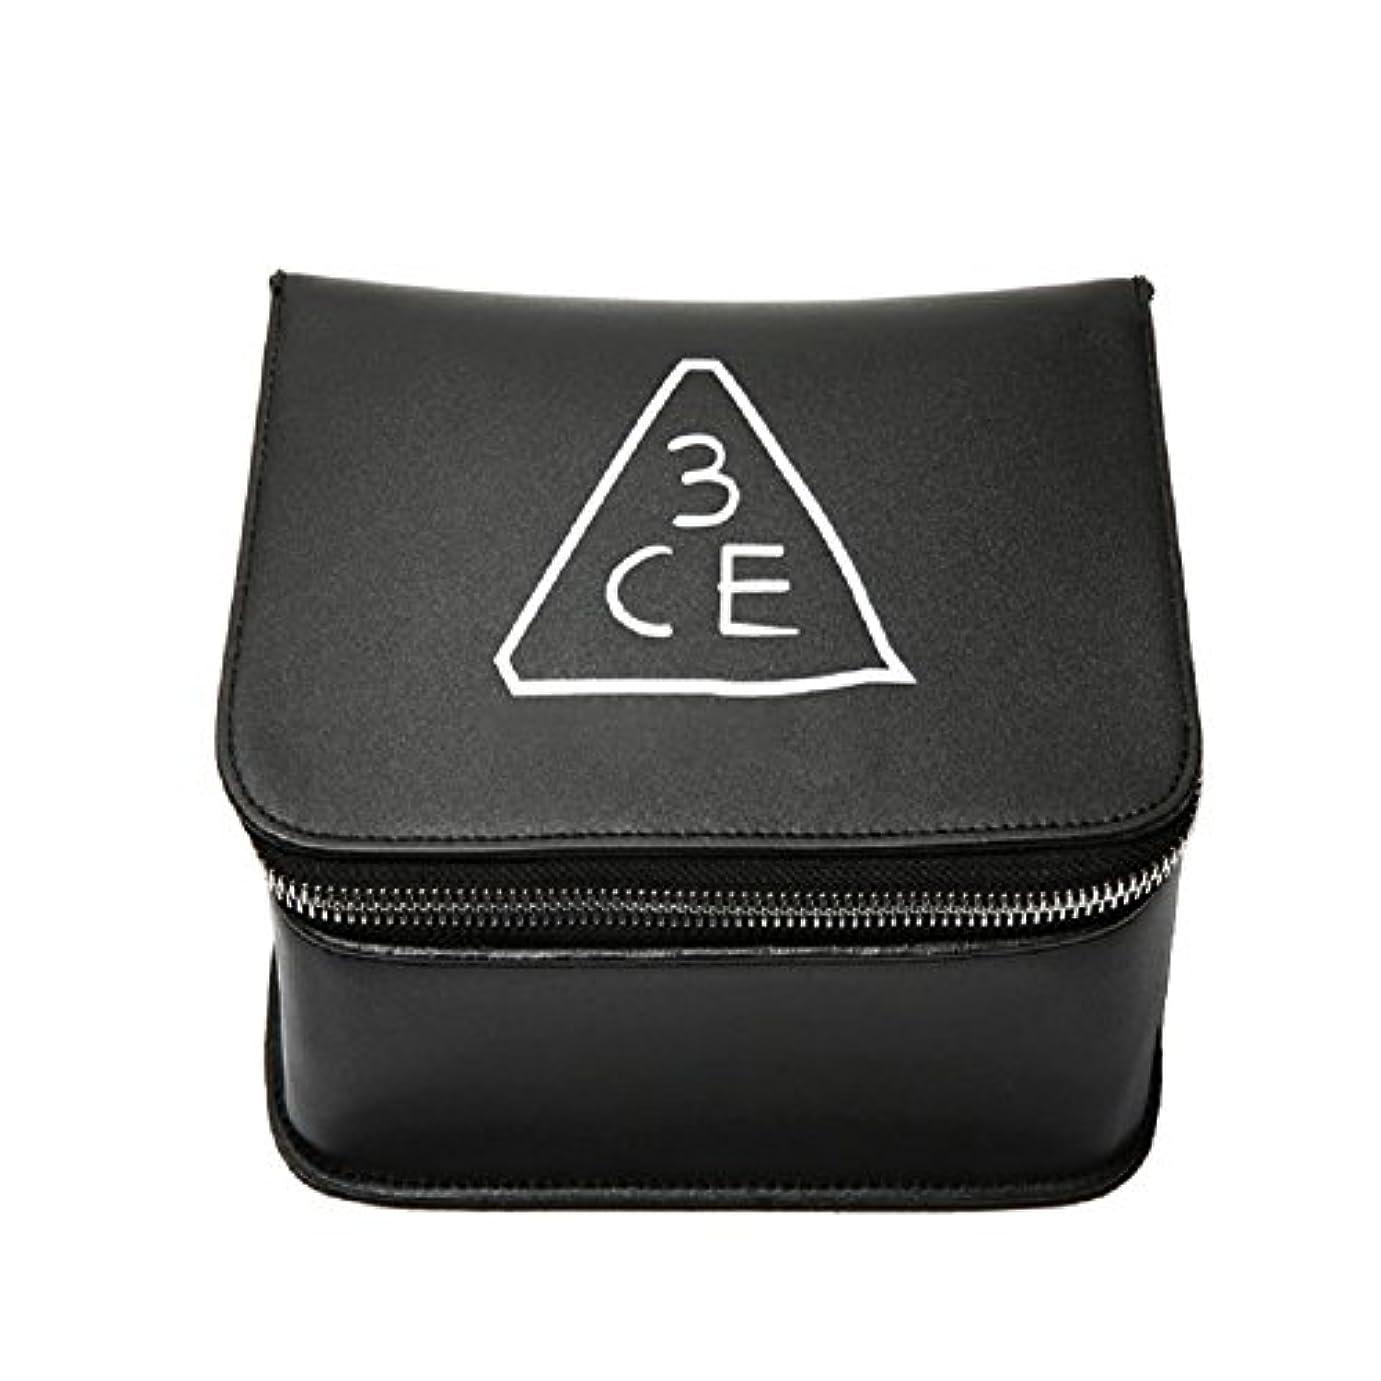 ピン勧める天気3CE(3 CONCEPT EYES) COSMETIC BOX POUCH 化粧品 BOXポーチ stylenanda 婦人向け 旅行 ビッグサイズ[韓国並行輸入品]